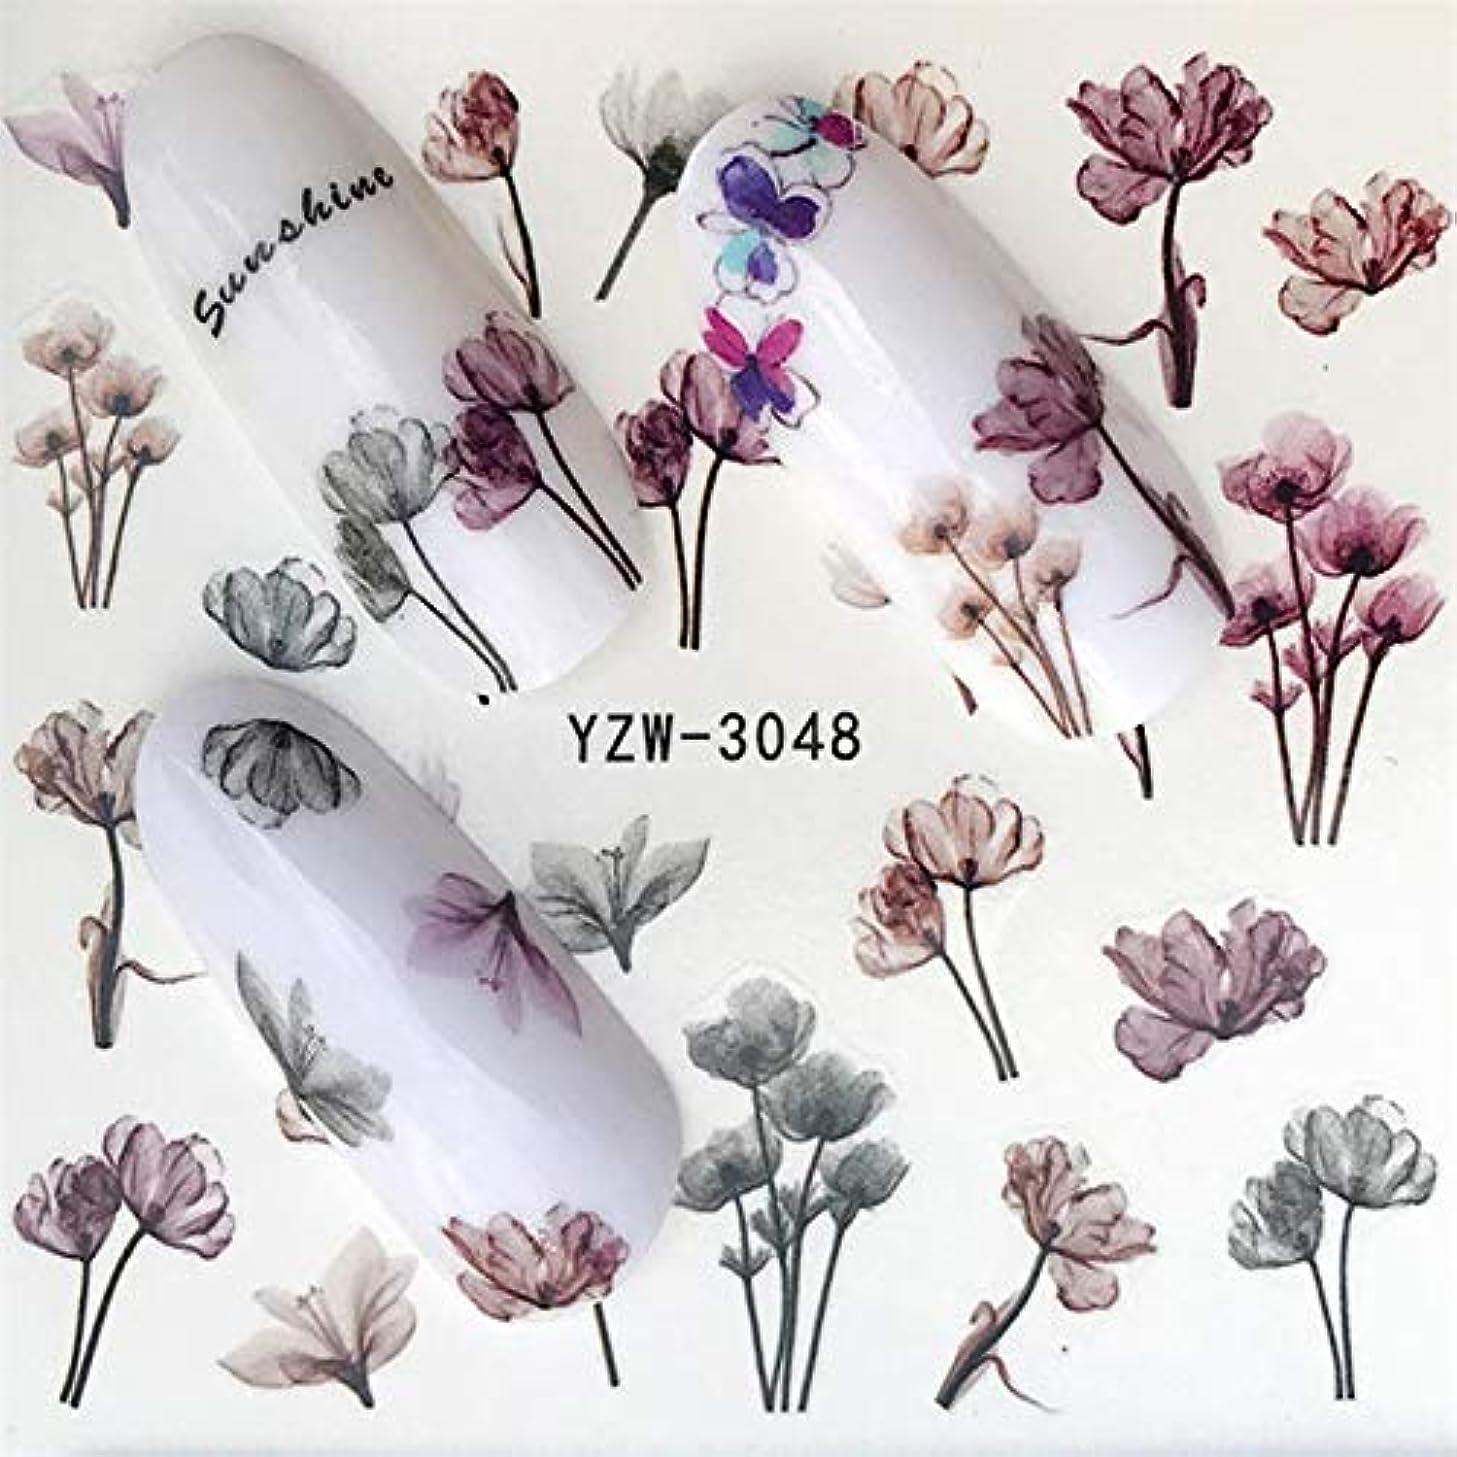 ヘビー環境とげのあるFlysea ネイルステッカー5 PCS水ネイルズ、色用ステッカーデカール花のステッカーを転送しますYZW-3048